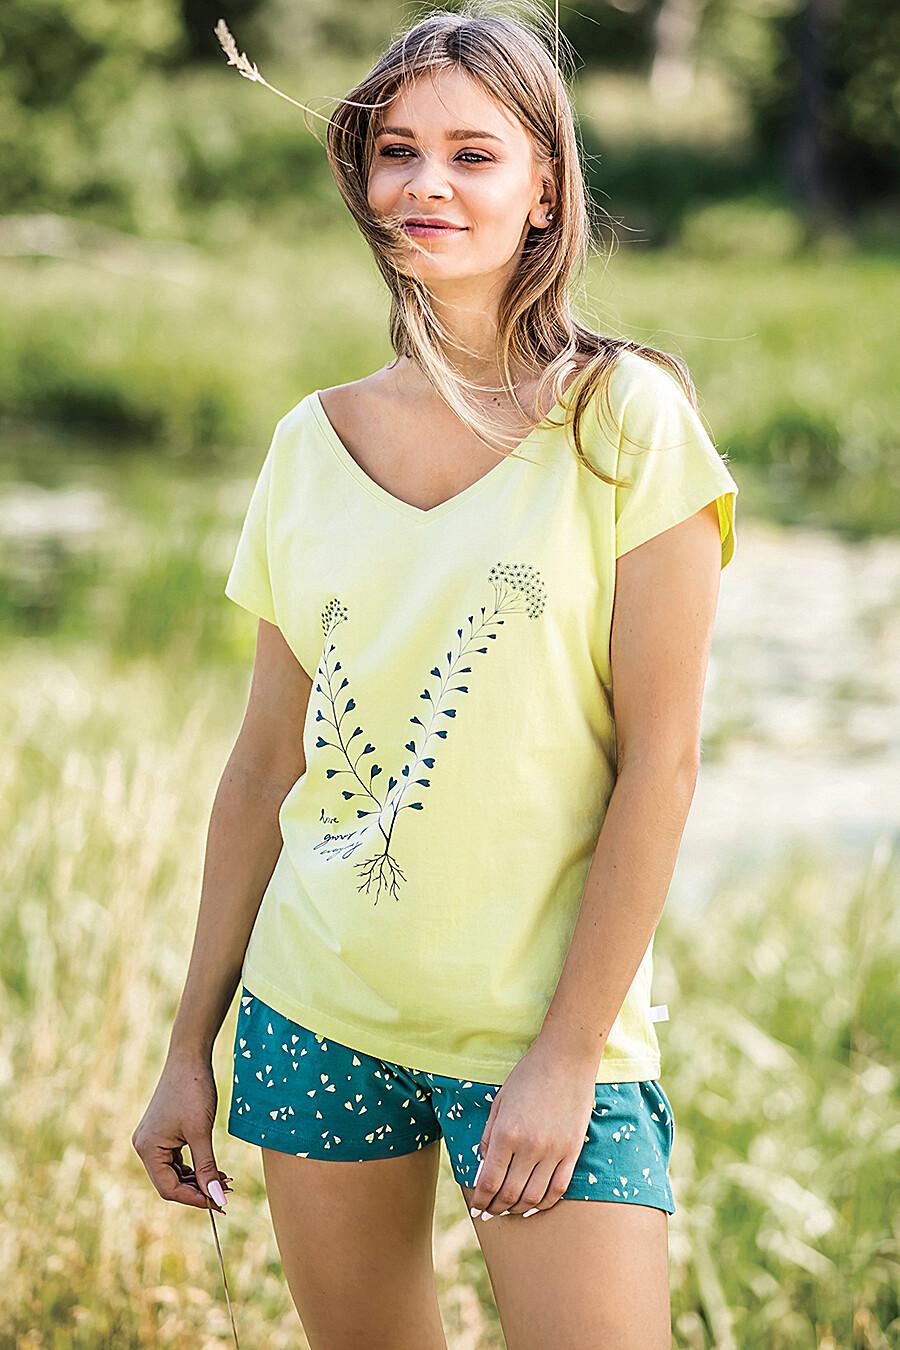 Комплект (Футболка+Шорт) для женщин KEY 116727 купить оптом от производителя. Совместная покупка женской одежды в OptMoyo